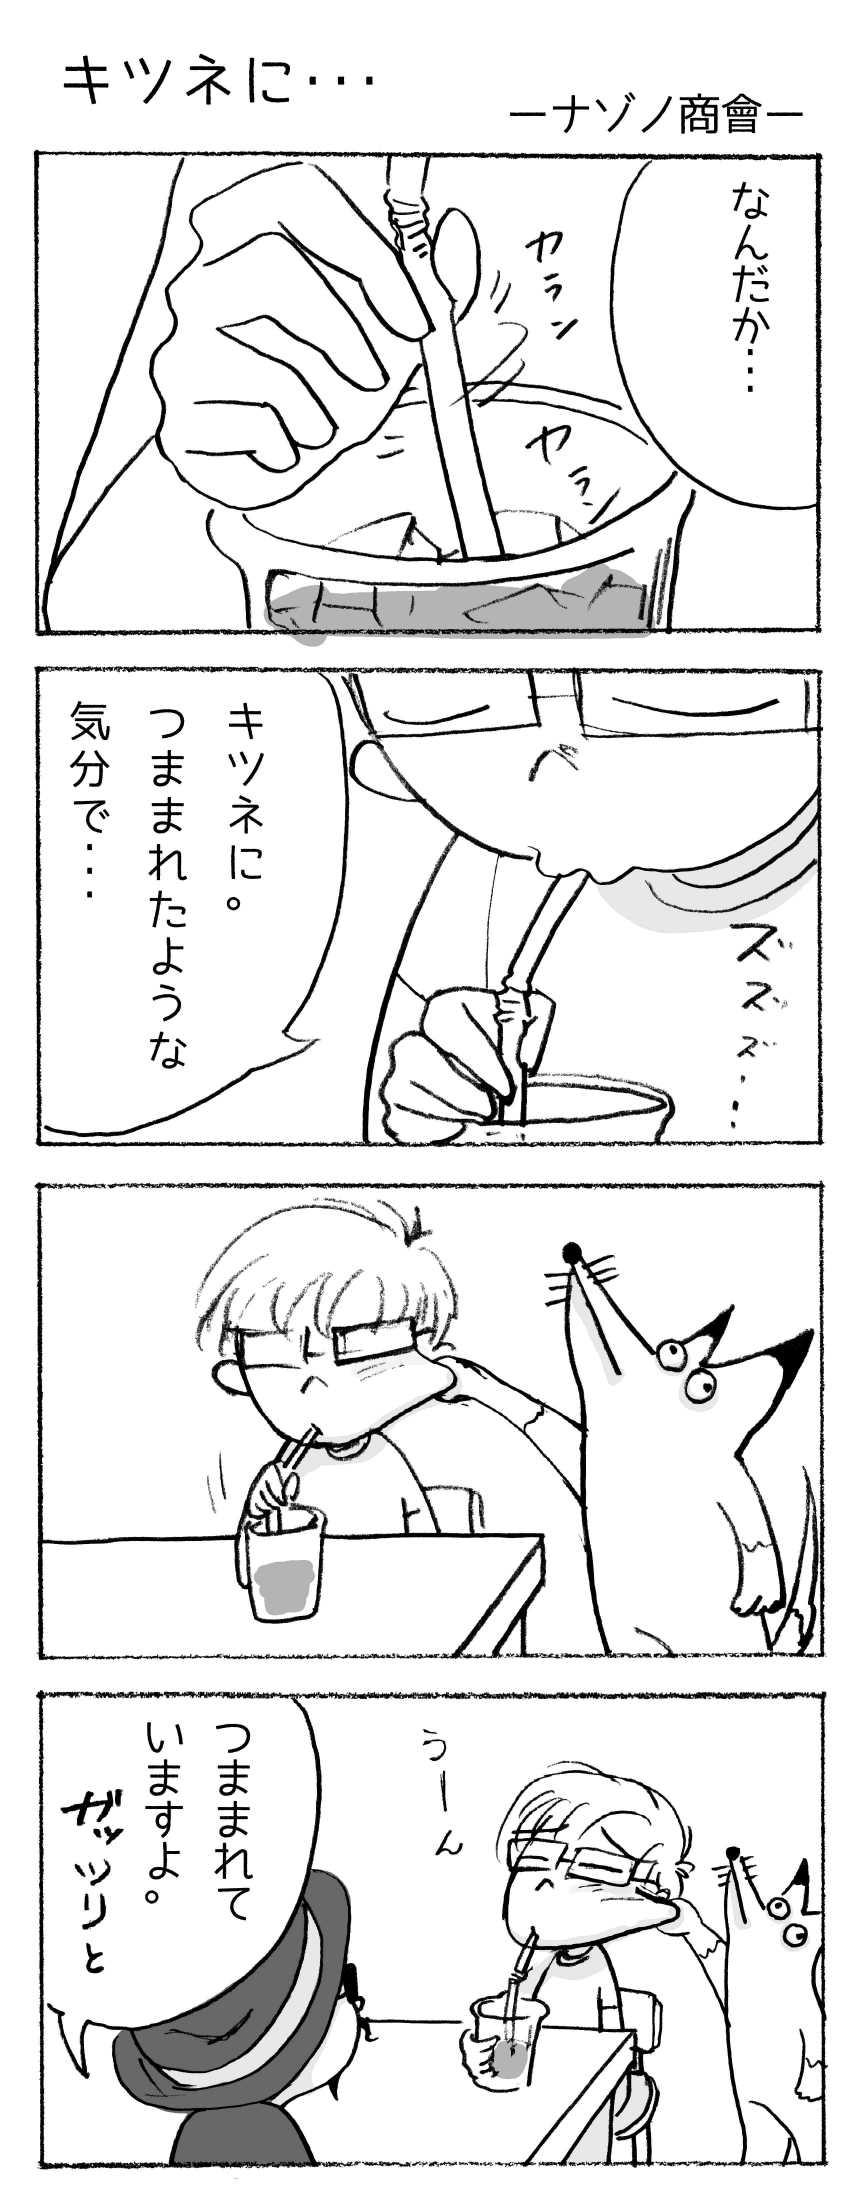 狐に頬をつままれている漫画家